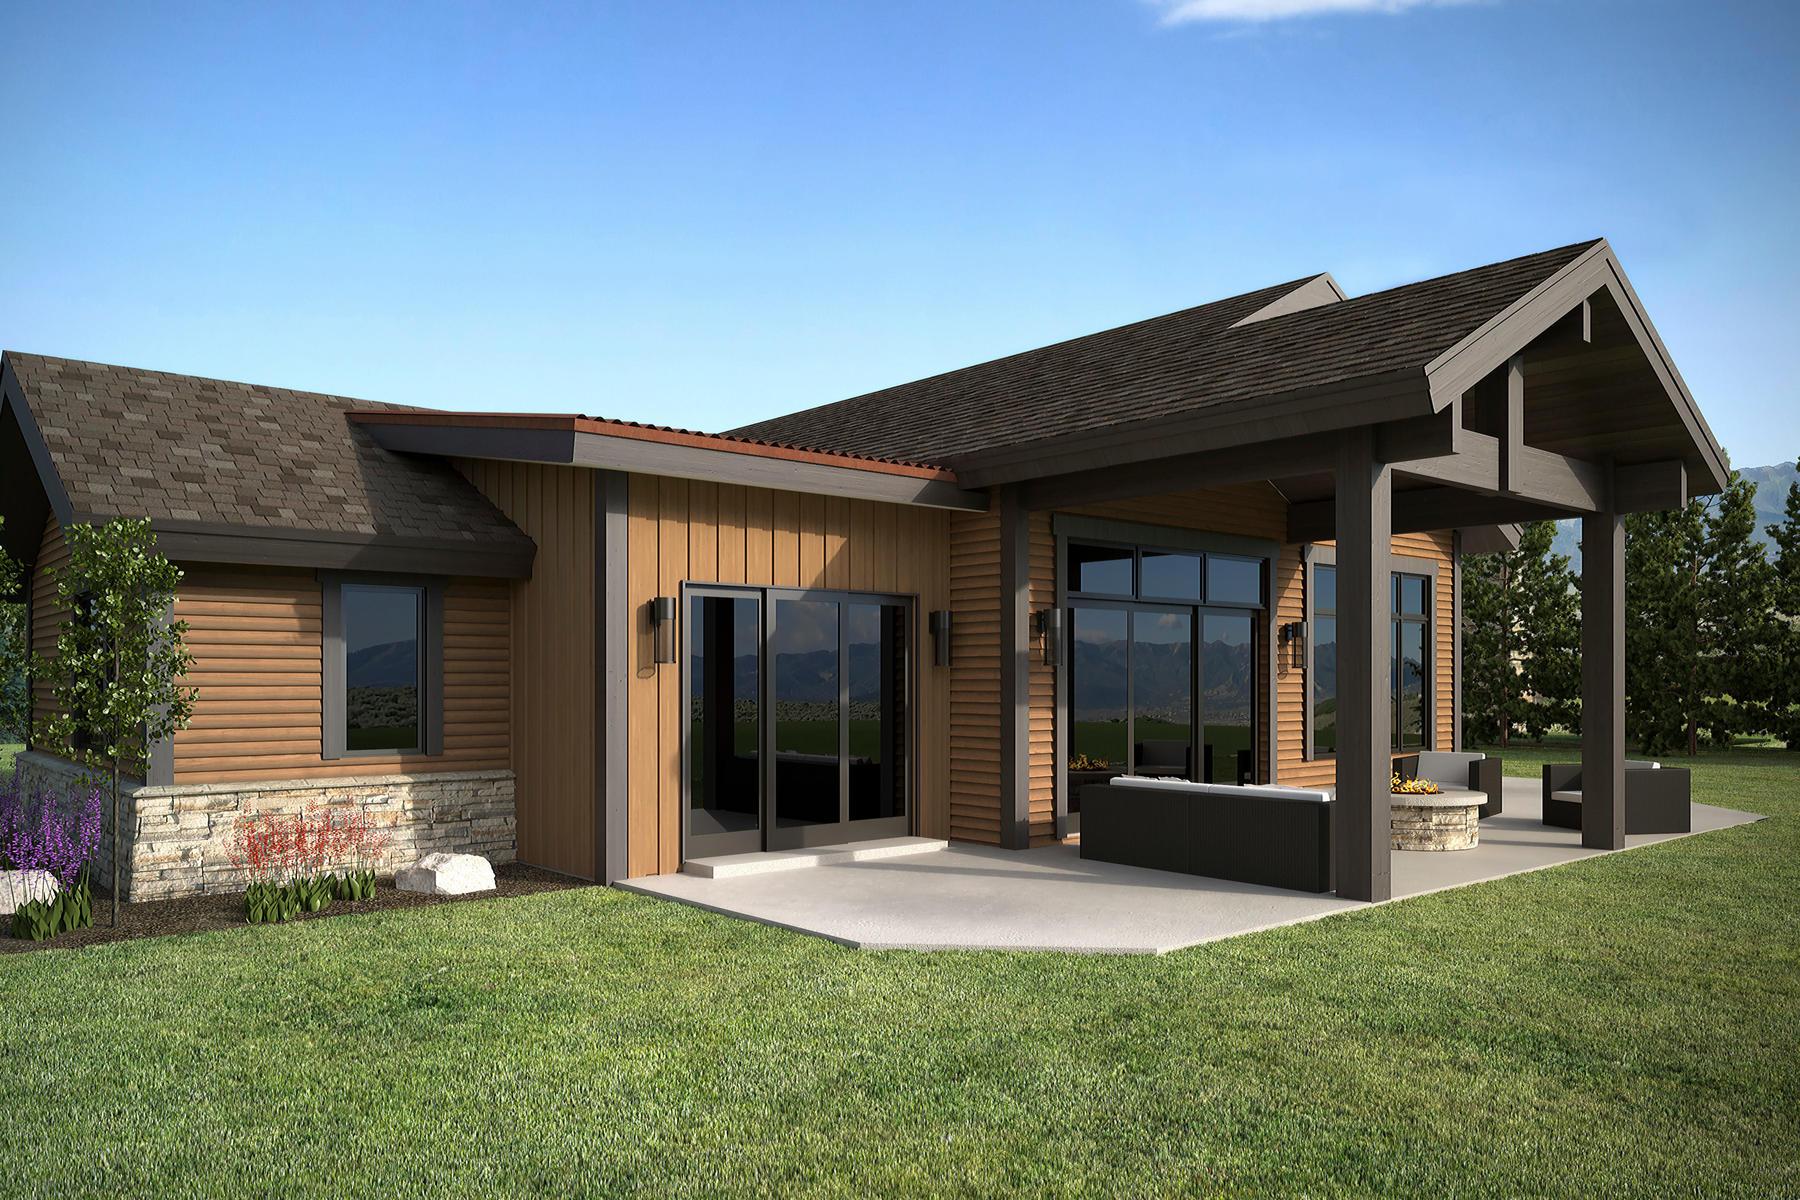 独户住宅 为 销售 在 The Gateway Rambler at High Star Ranch with Spectacular Views 657 Thorn Creek Drive Lot 47, Kamas, 犹他州, 84036 美国